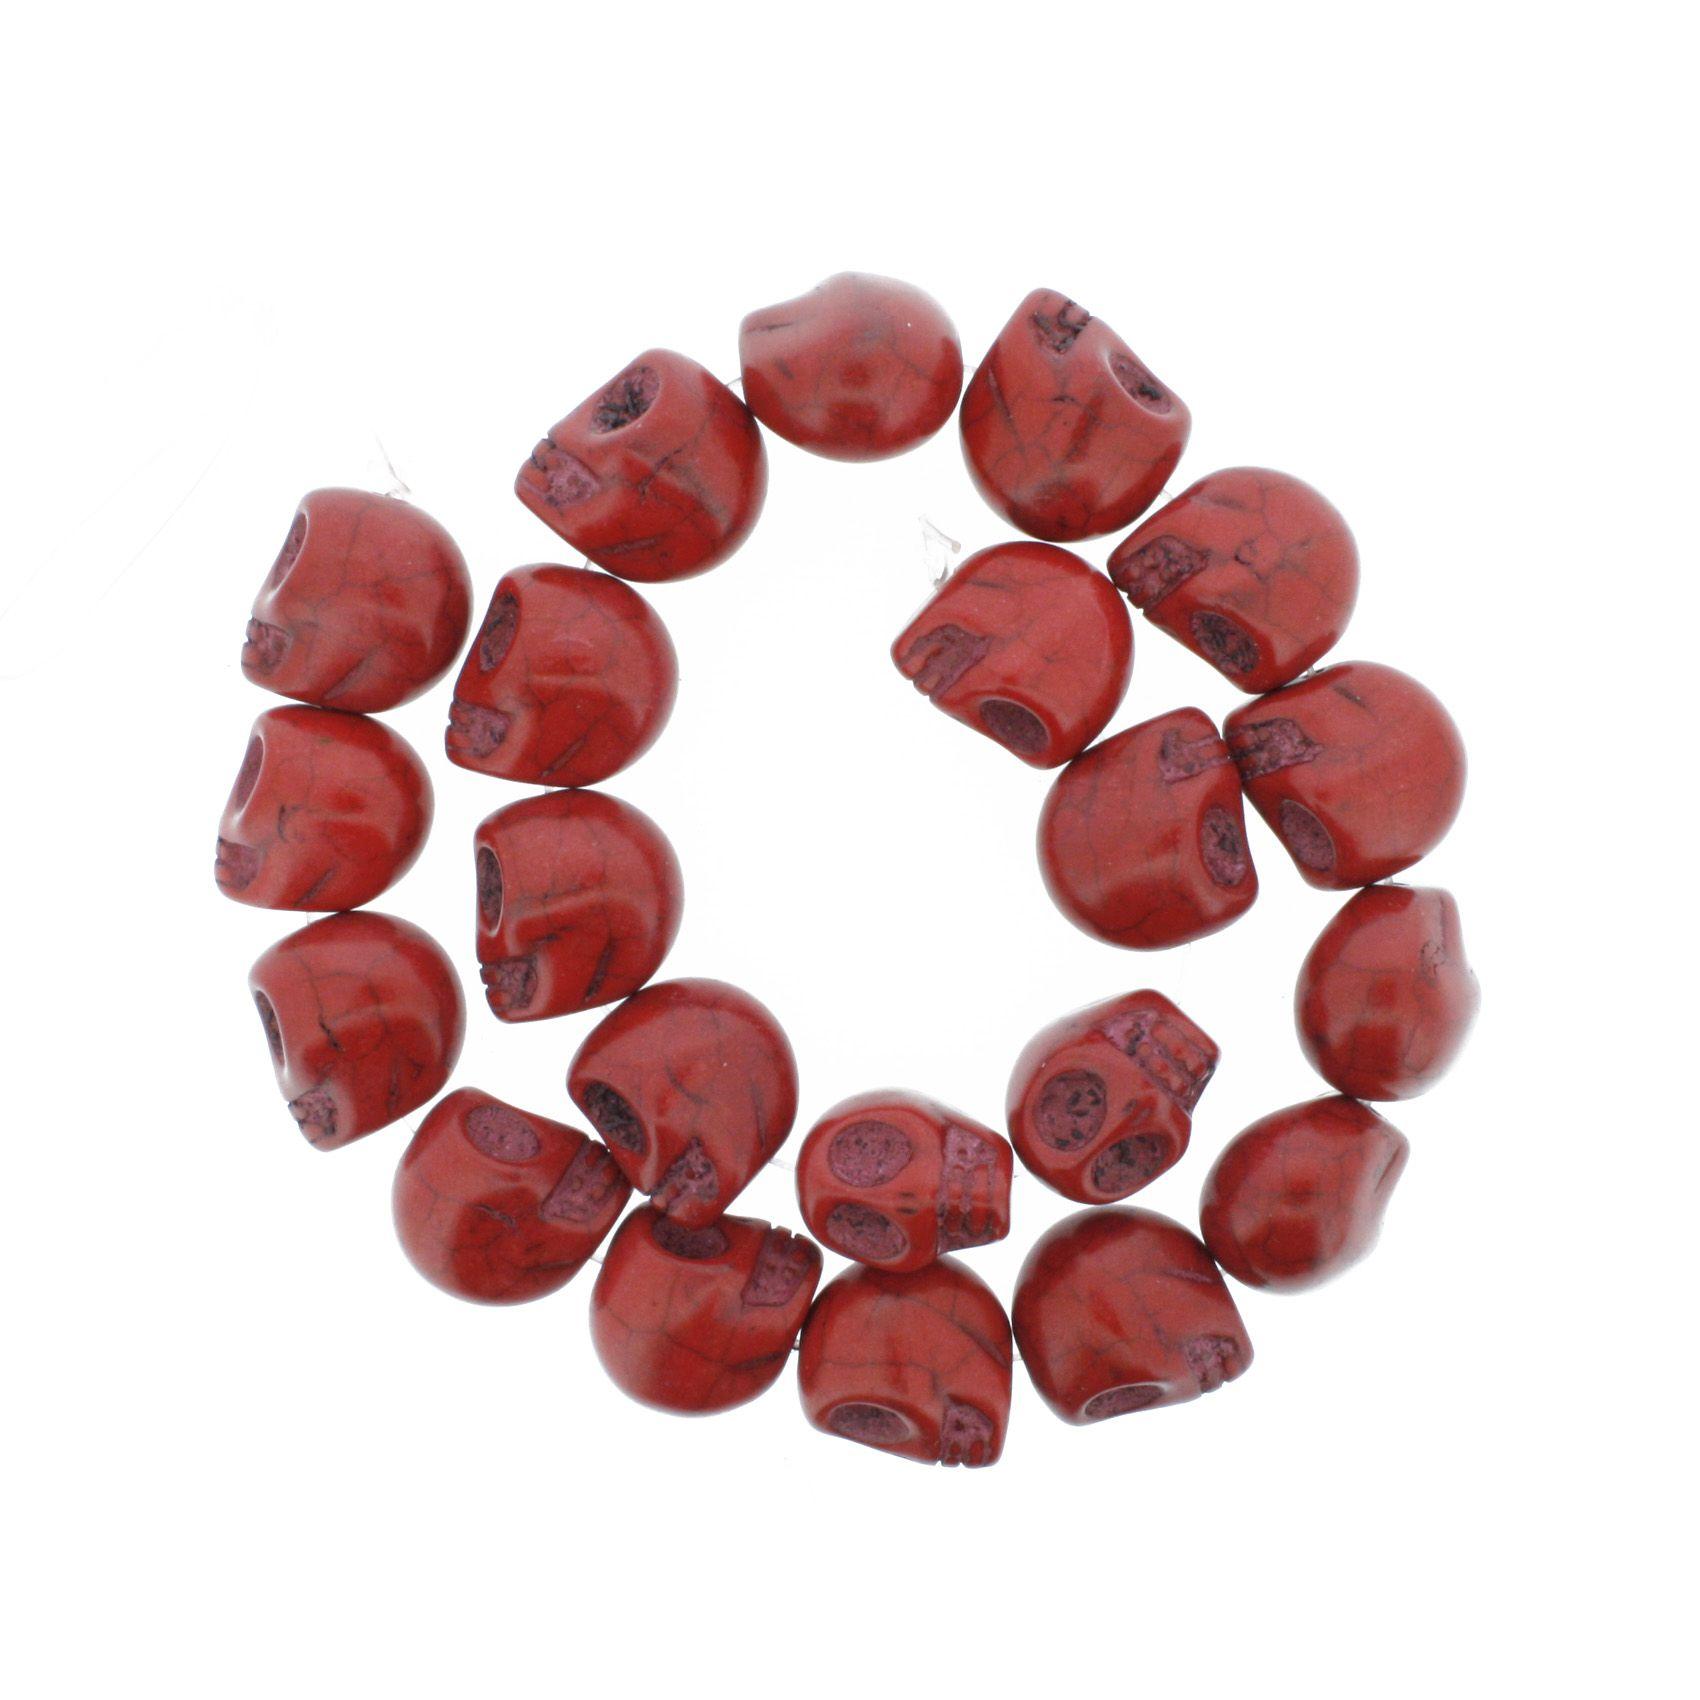 Fio de Caveira de Pedra - Vermelha - Média - 18x15mm  - Universo Religioso® - Artigos de Umbanda e Candomblé